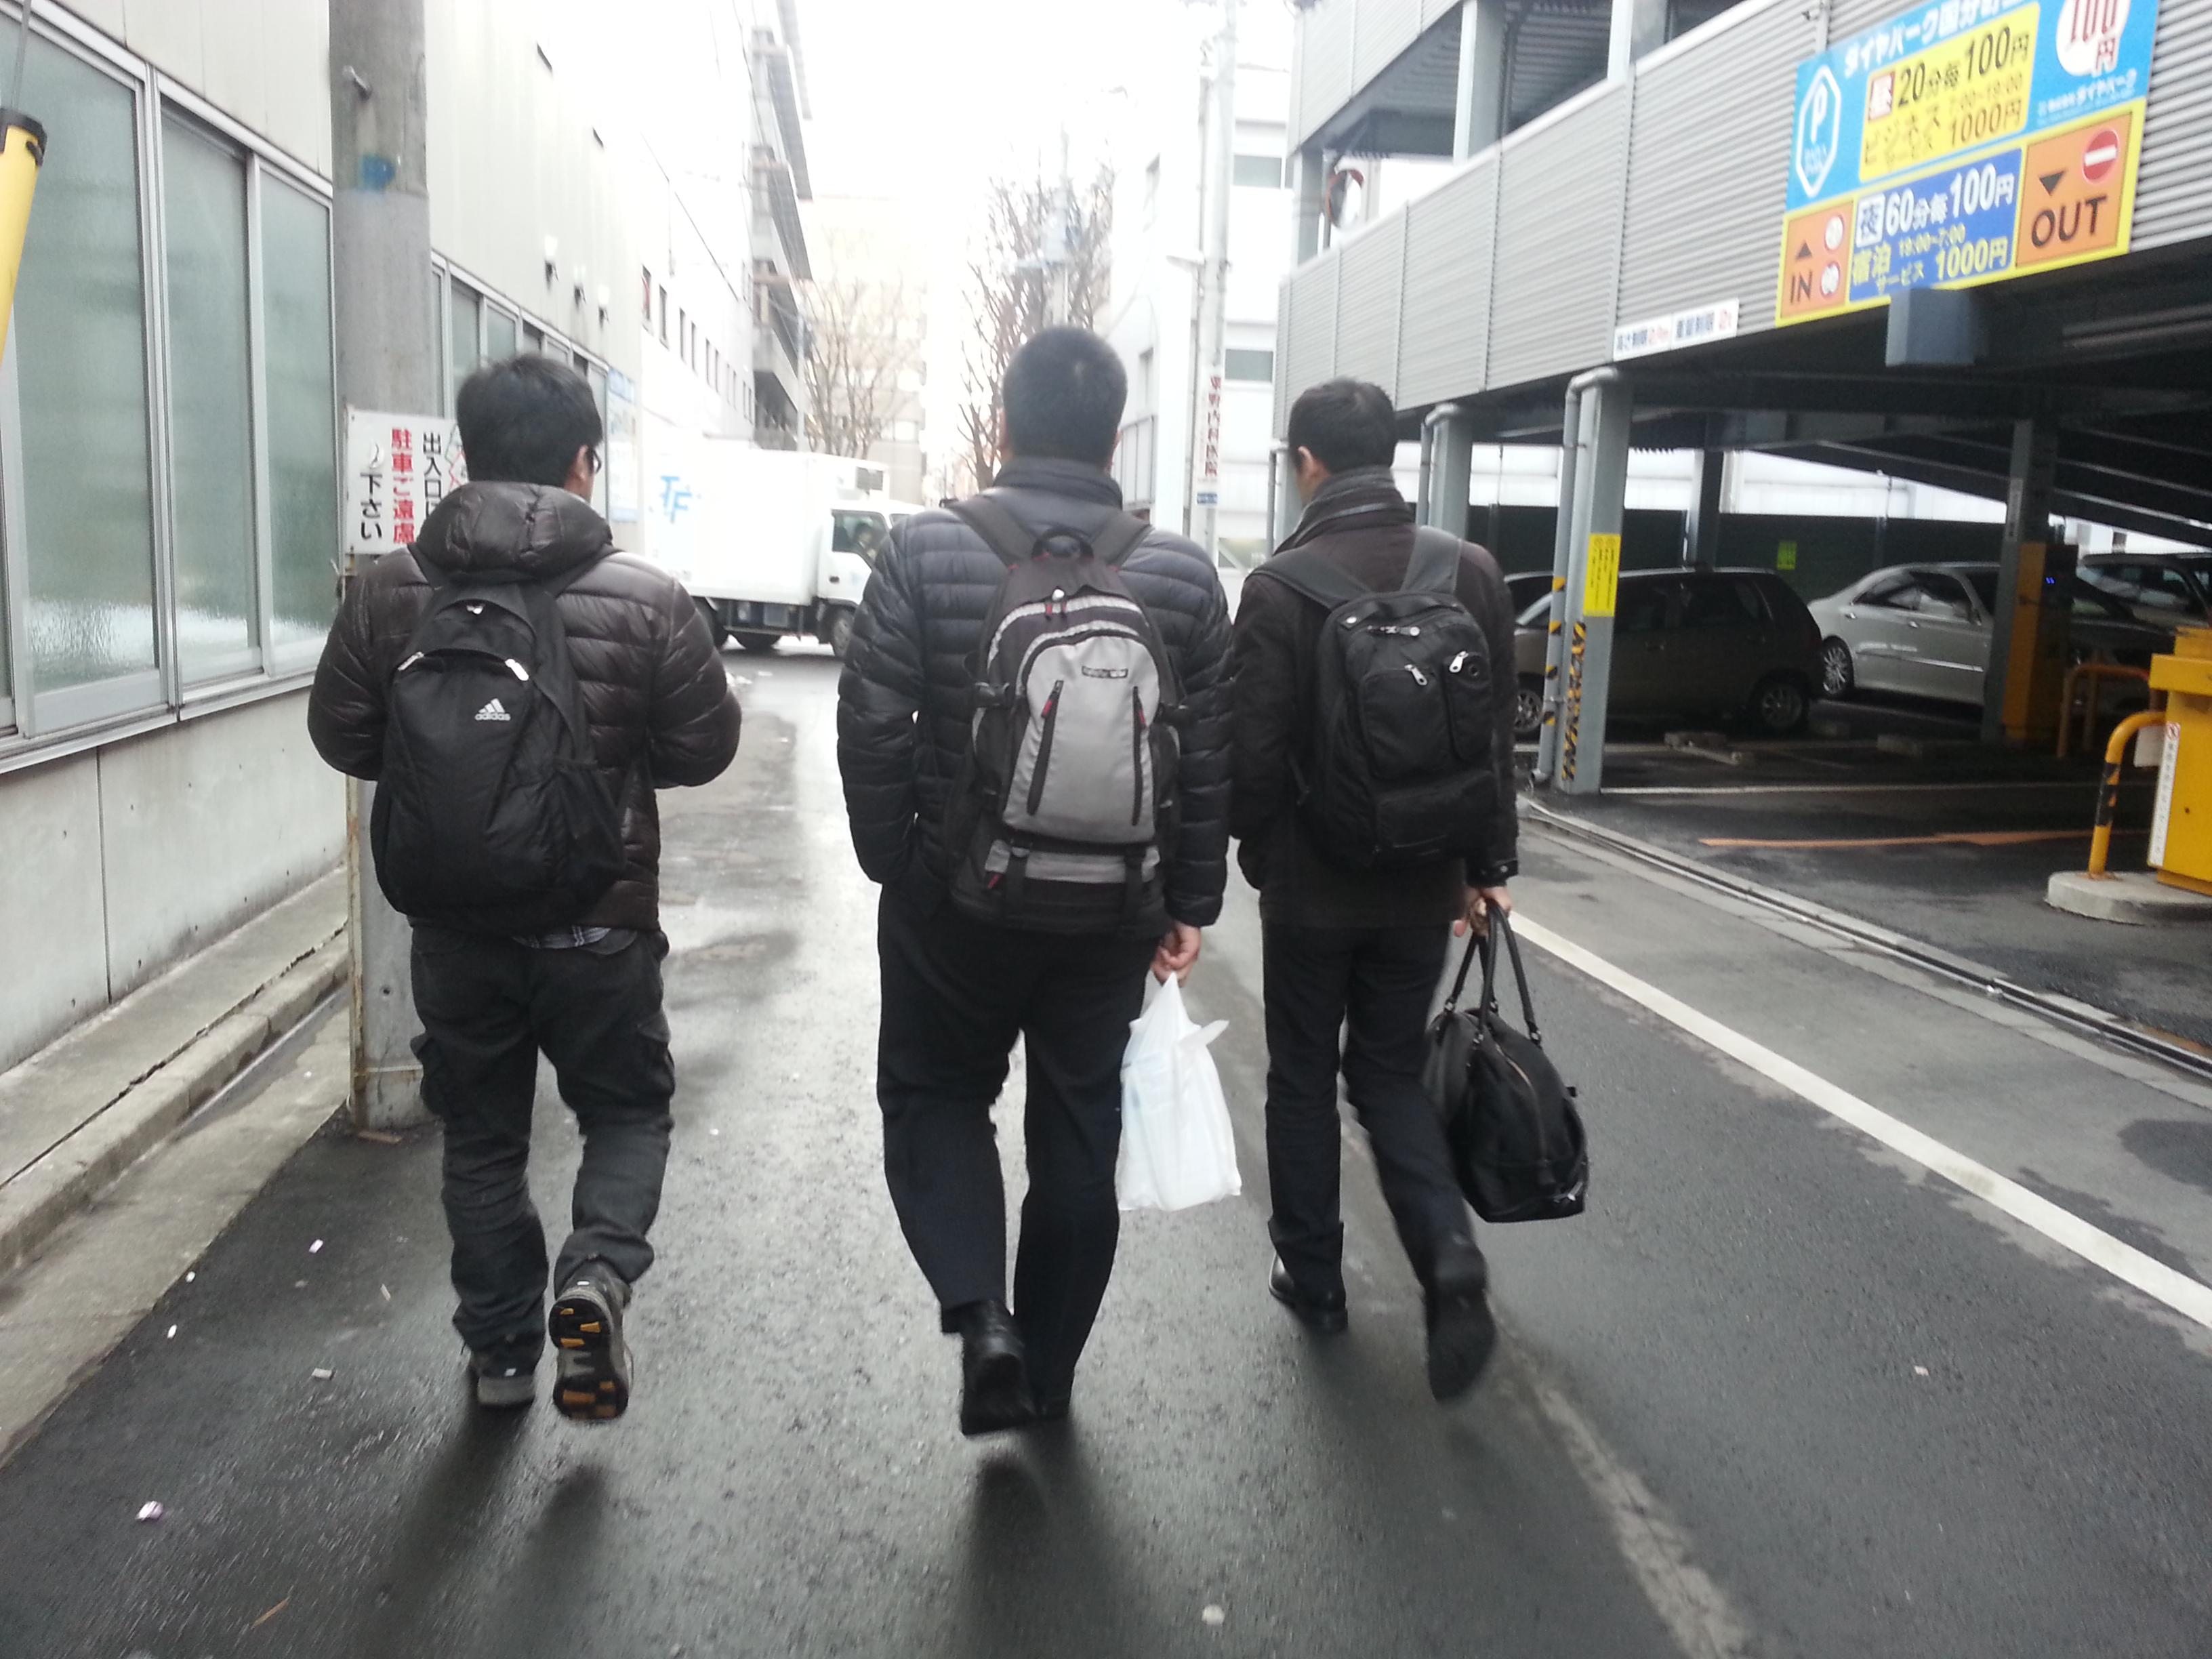 復興支援のためがんばる方のための相談会in仙台へ参加してきました。